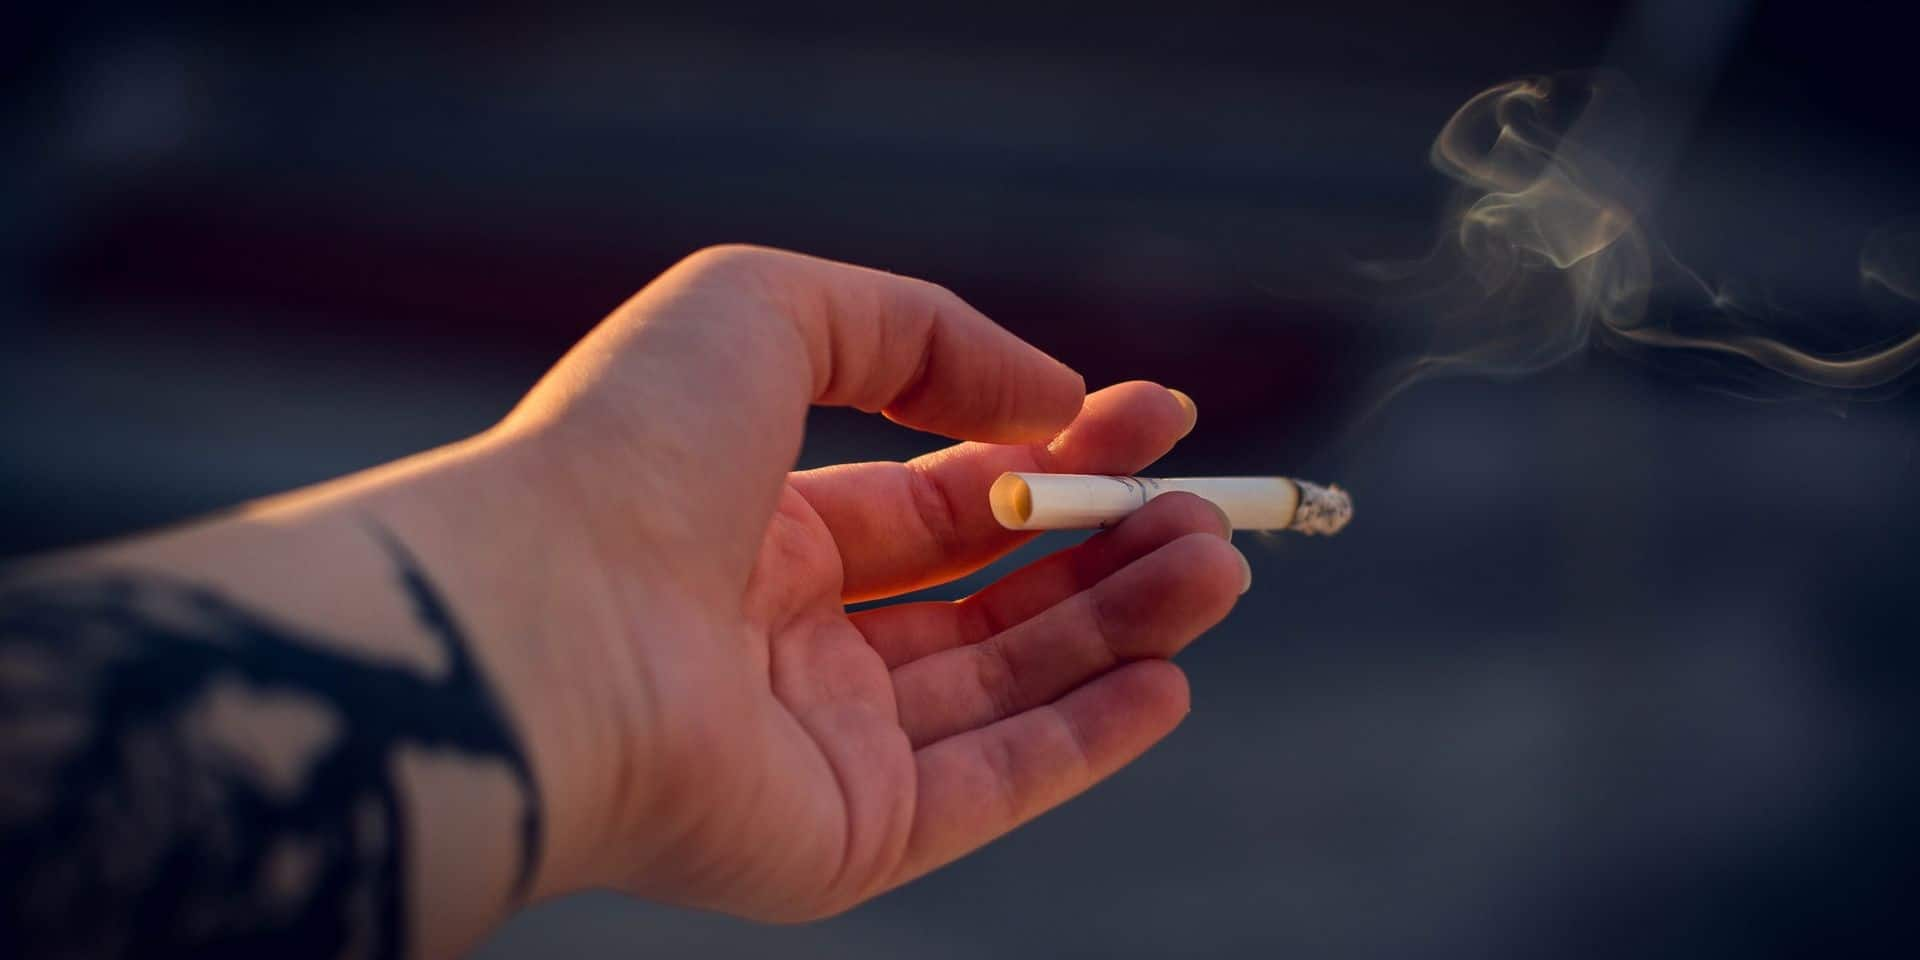 Une étude inquiète: le tabac affecte le placenta des femmes enceintes, même après l'arrêt de la cigarette